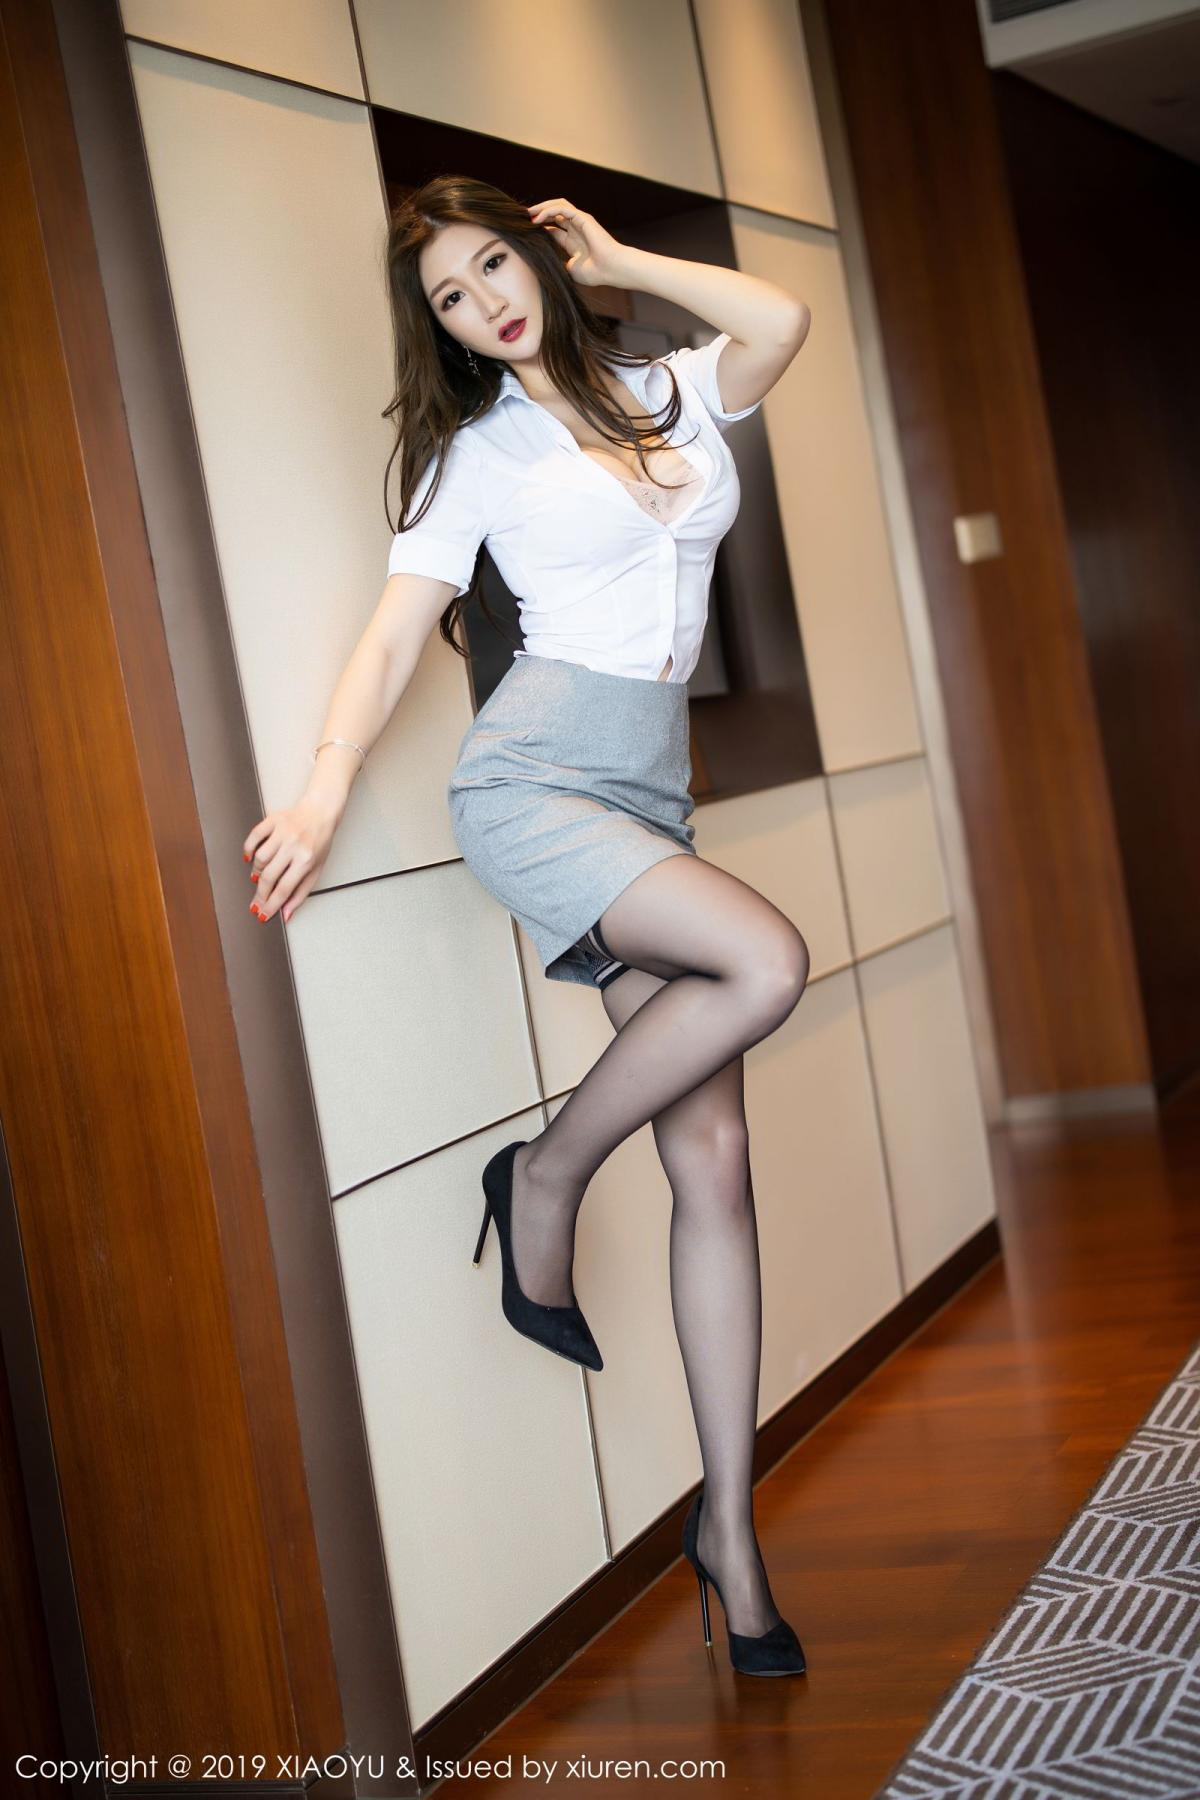 [XiaoYu] Vol.195 Xuan Zi 18P, Tall, Underwear, XiaoYu, Xuan Zi